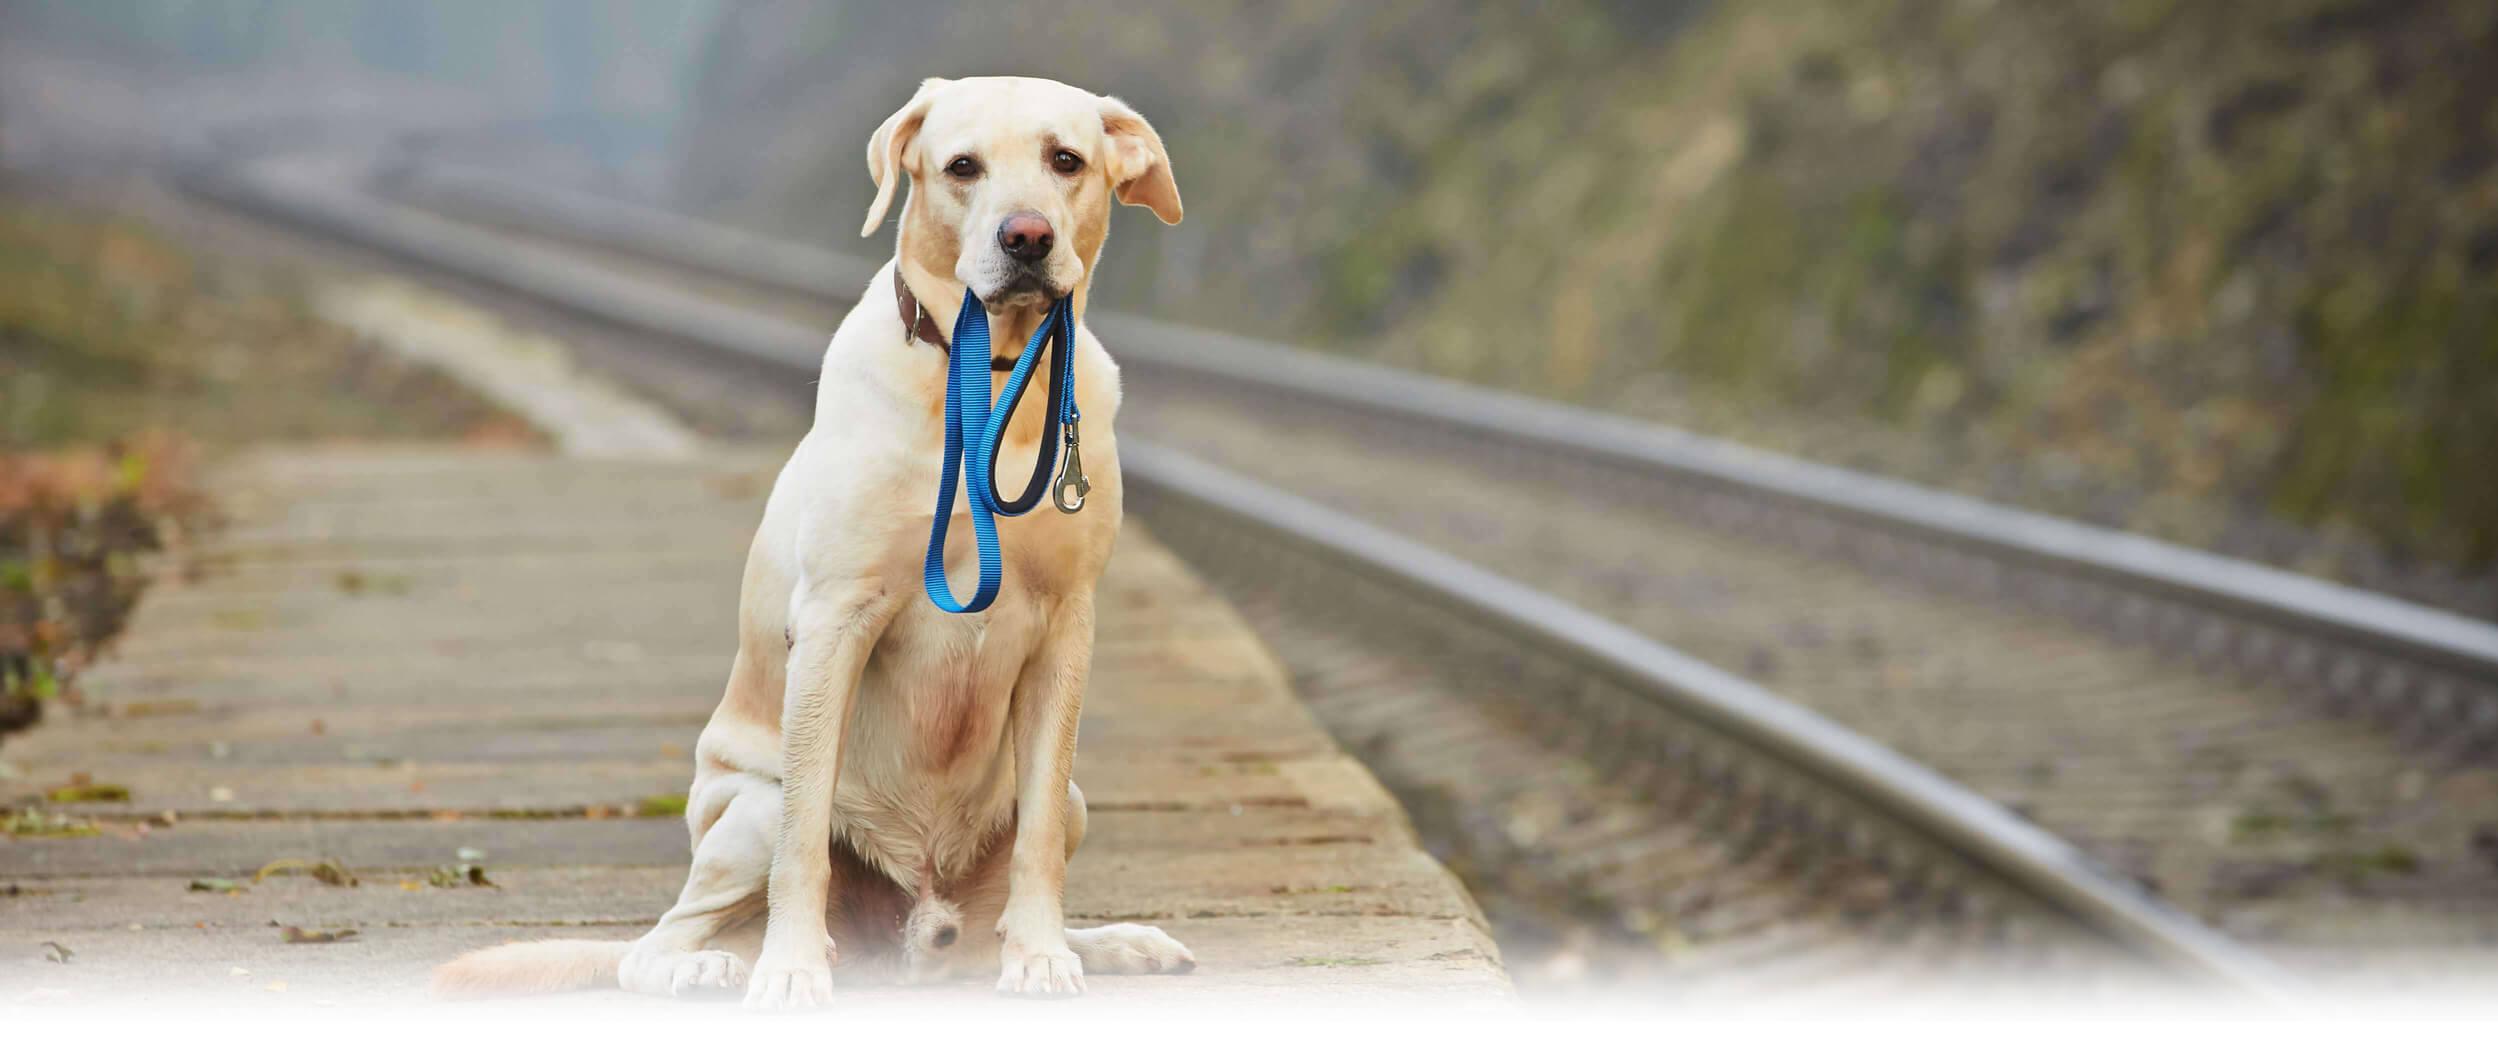 Hund der Rasse Golden Retriever Labrador Misch steht alleine auf einem Bahnsteig und hat eine Hundeleine im Maul. Er schaut verstört und verängstigt.